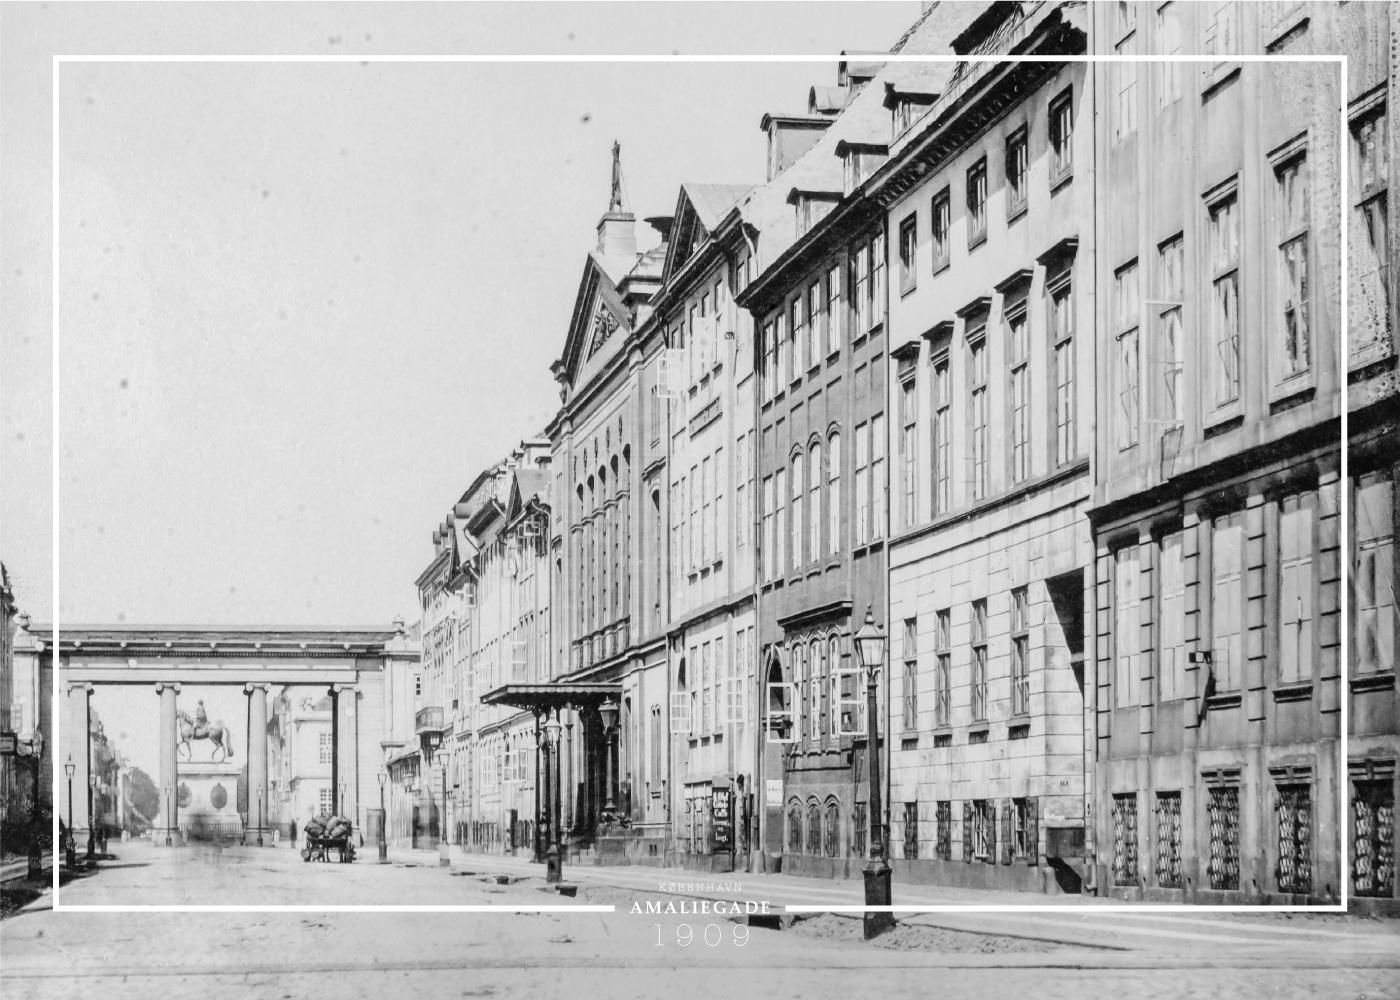 Billede af Amaliegade - København plakat - Gamle billeder